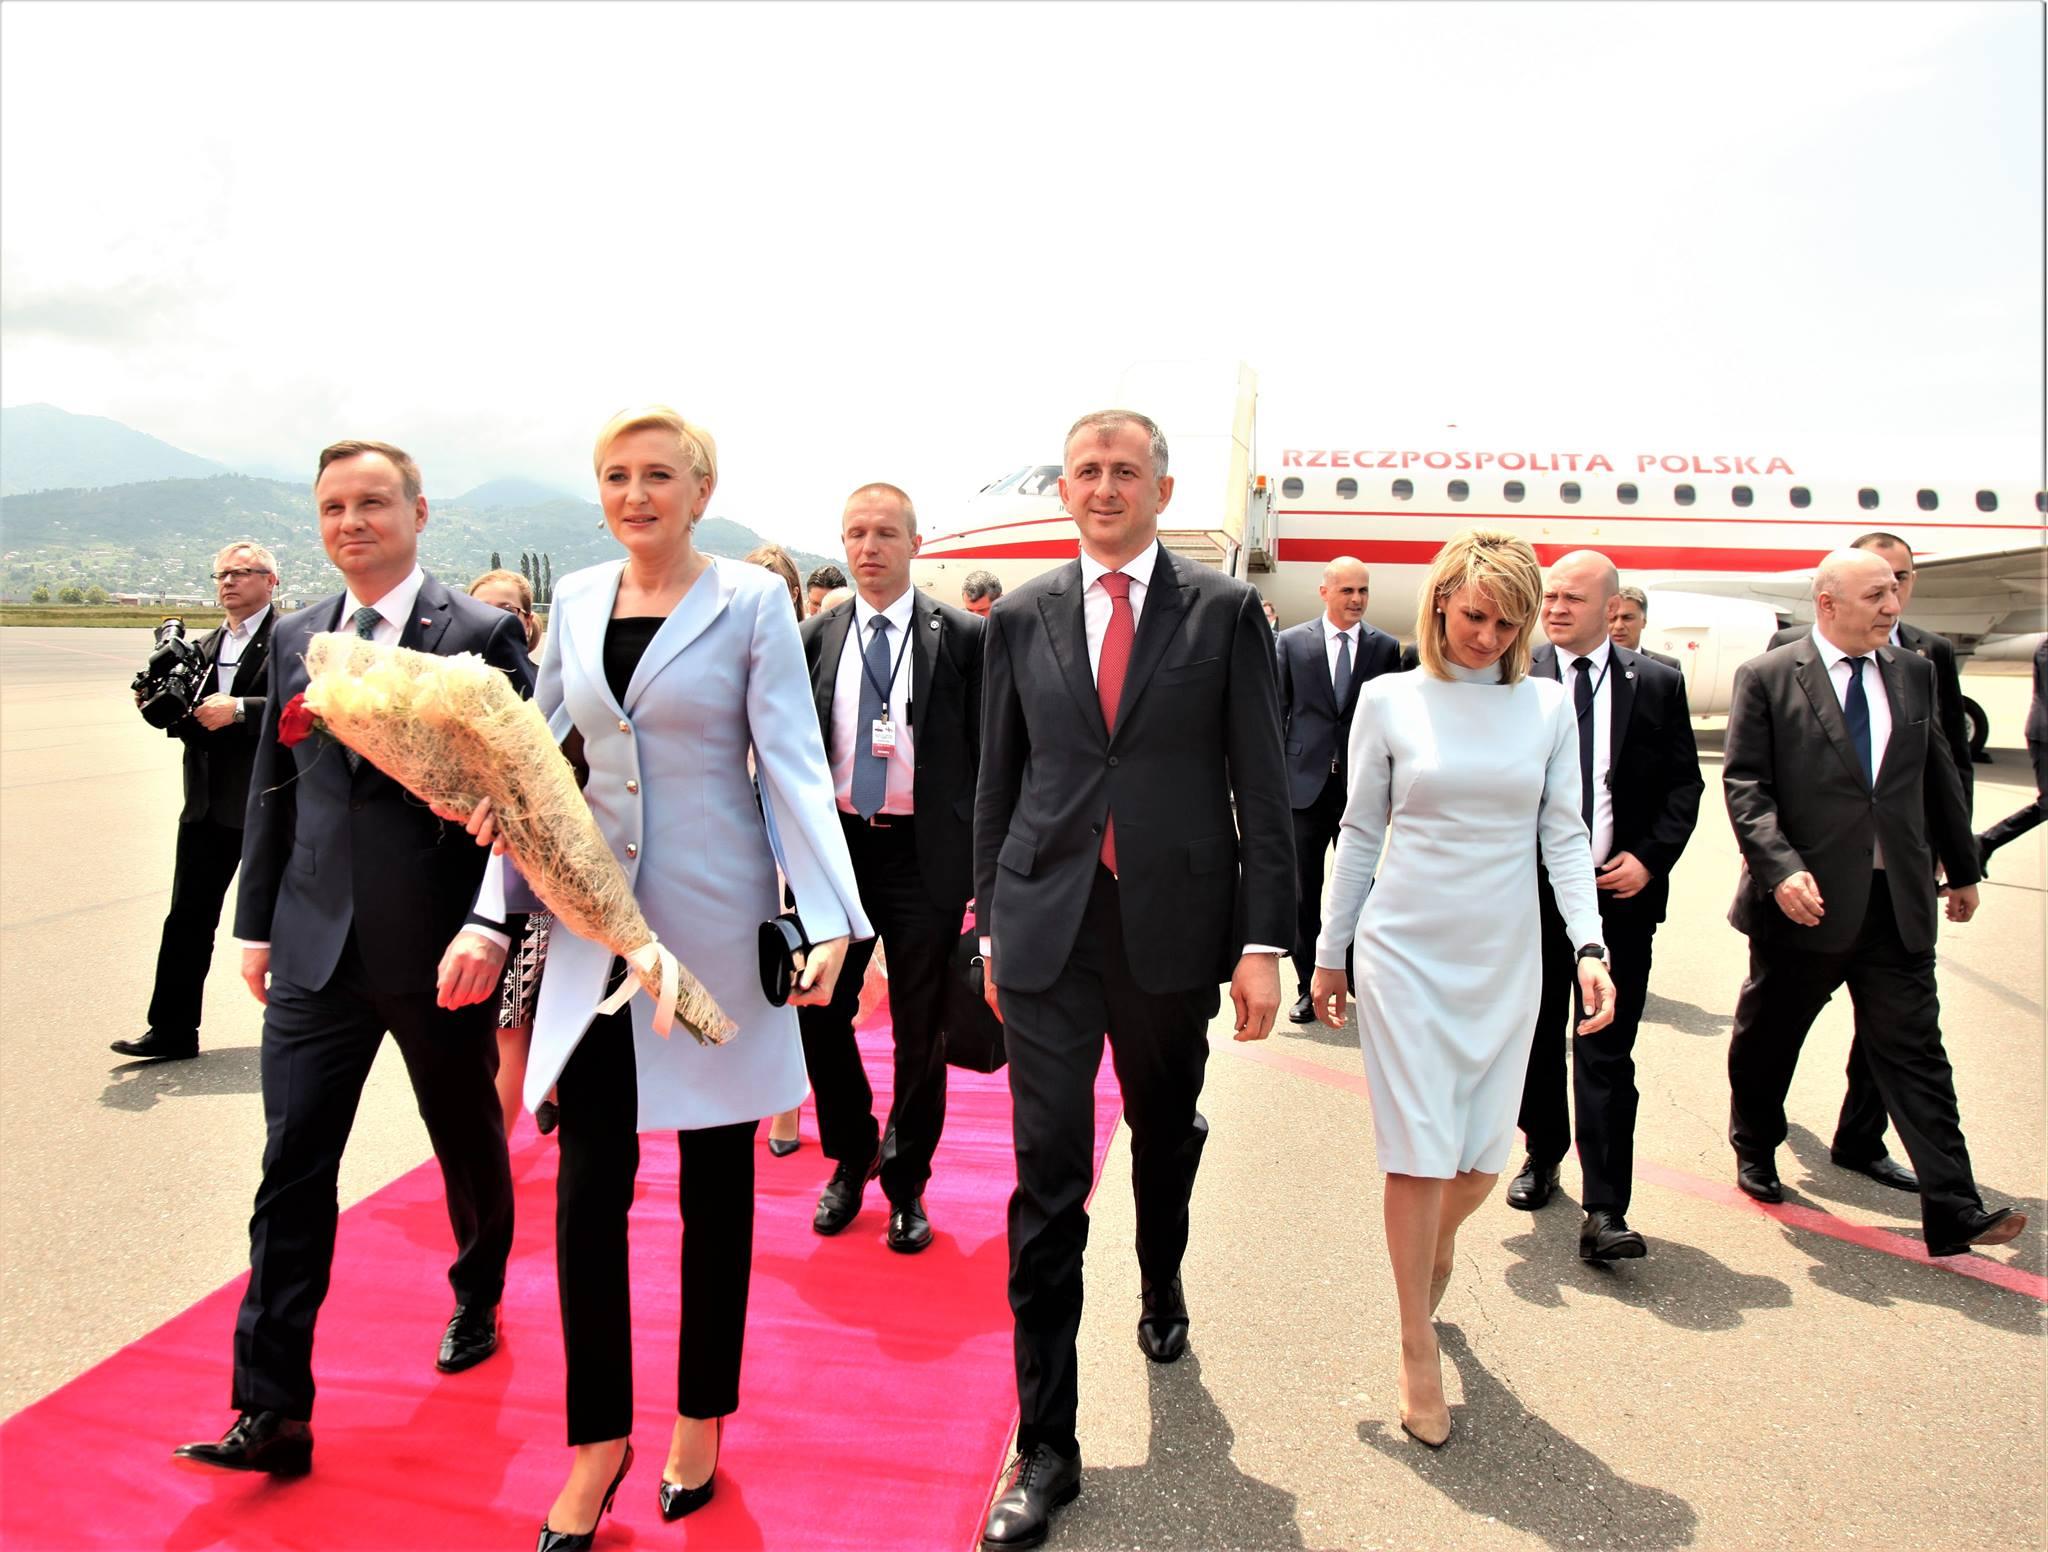 ბათუმს პოლონეთის რესპუბლიკის პრეზიდენტი ანდჟეი დუდა ეწვია